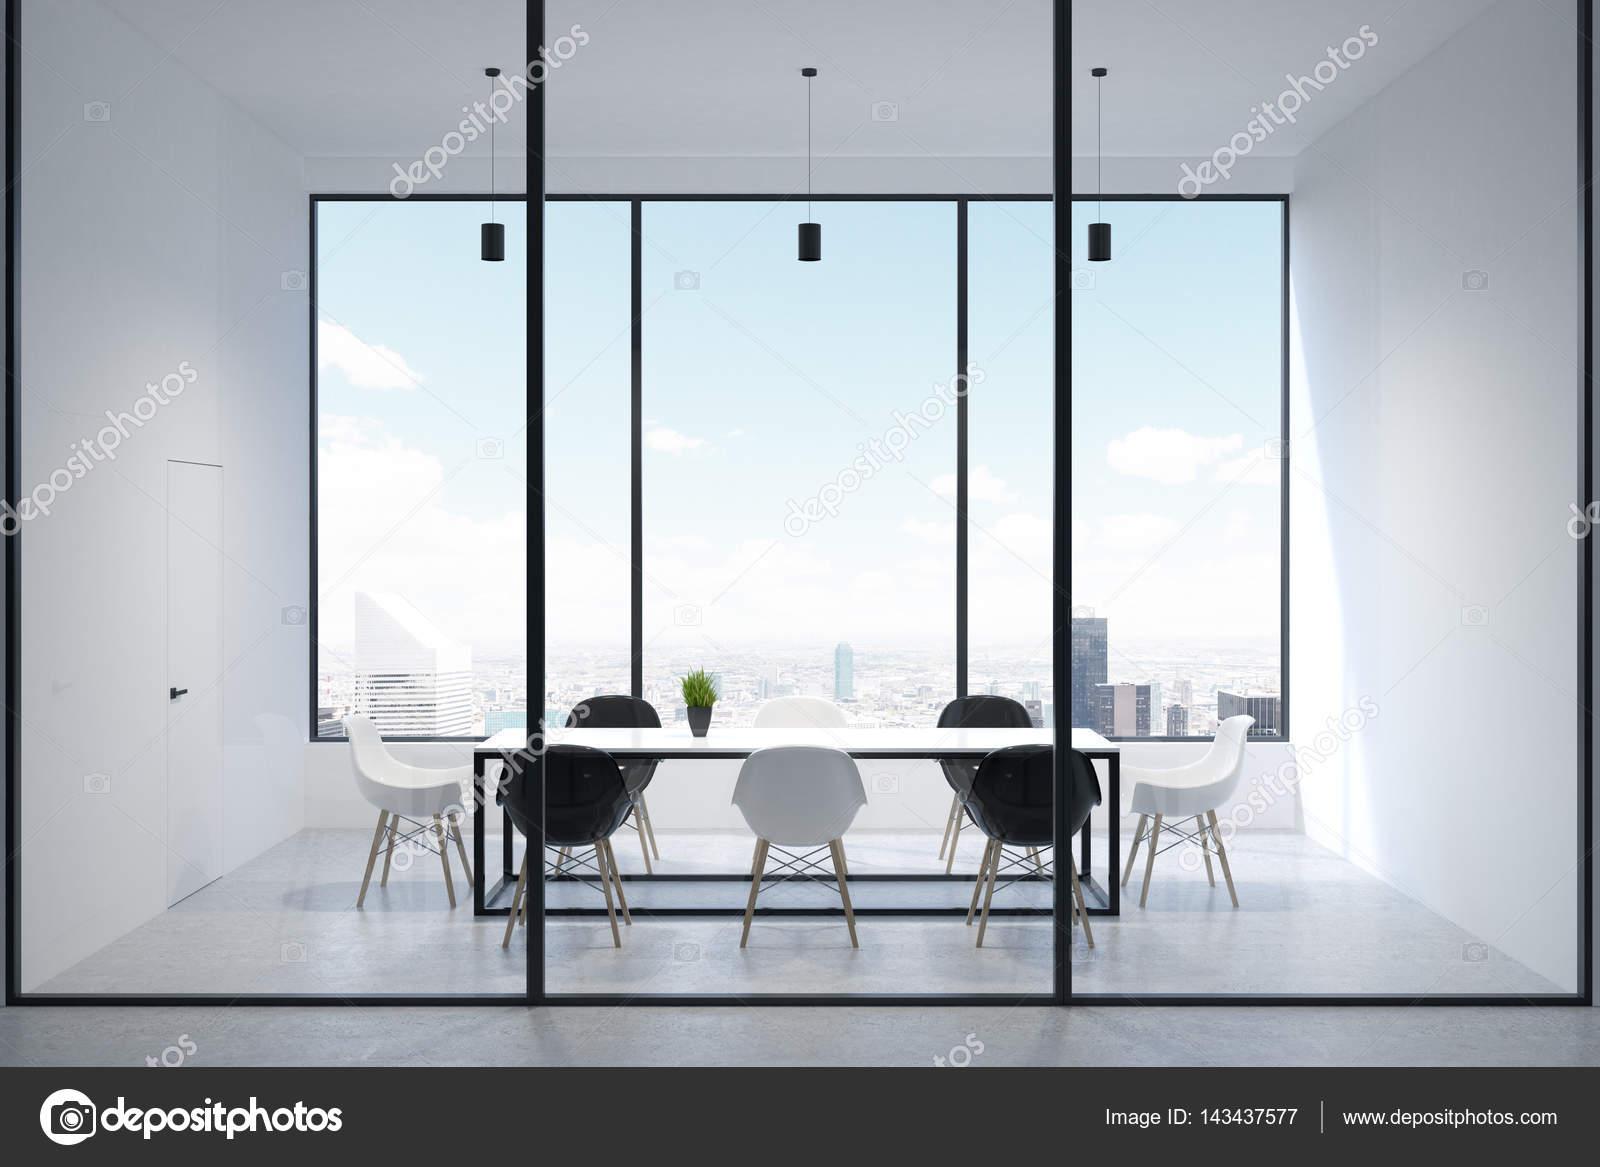 Ufficio Elegante Lungi : Finestra interna sala di conferenza elegante u2014 foto stock